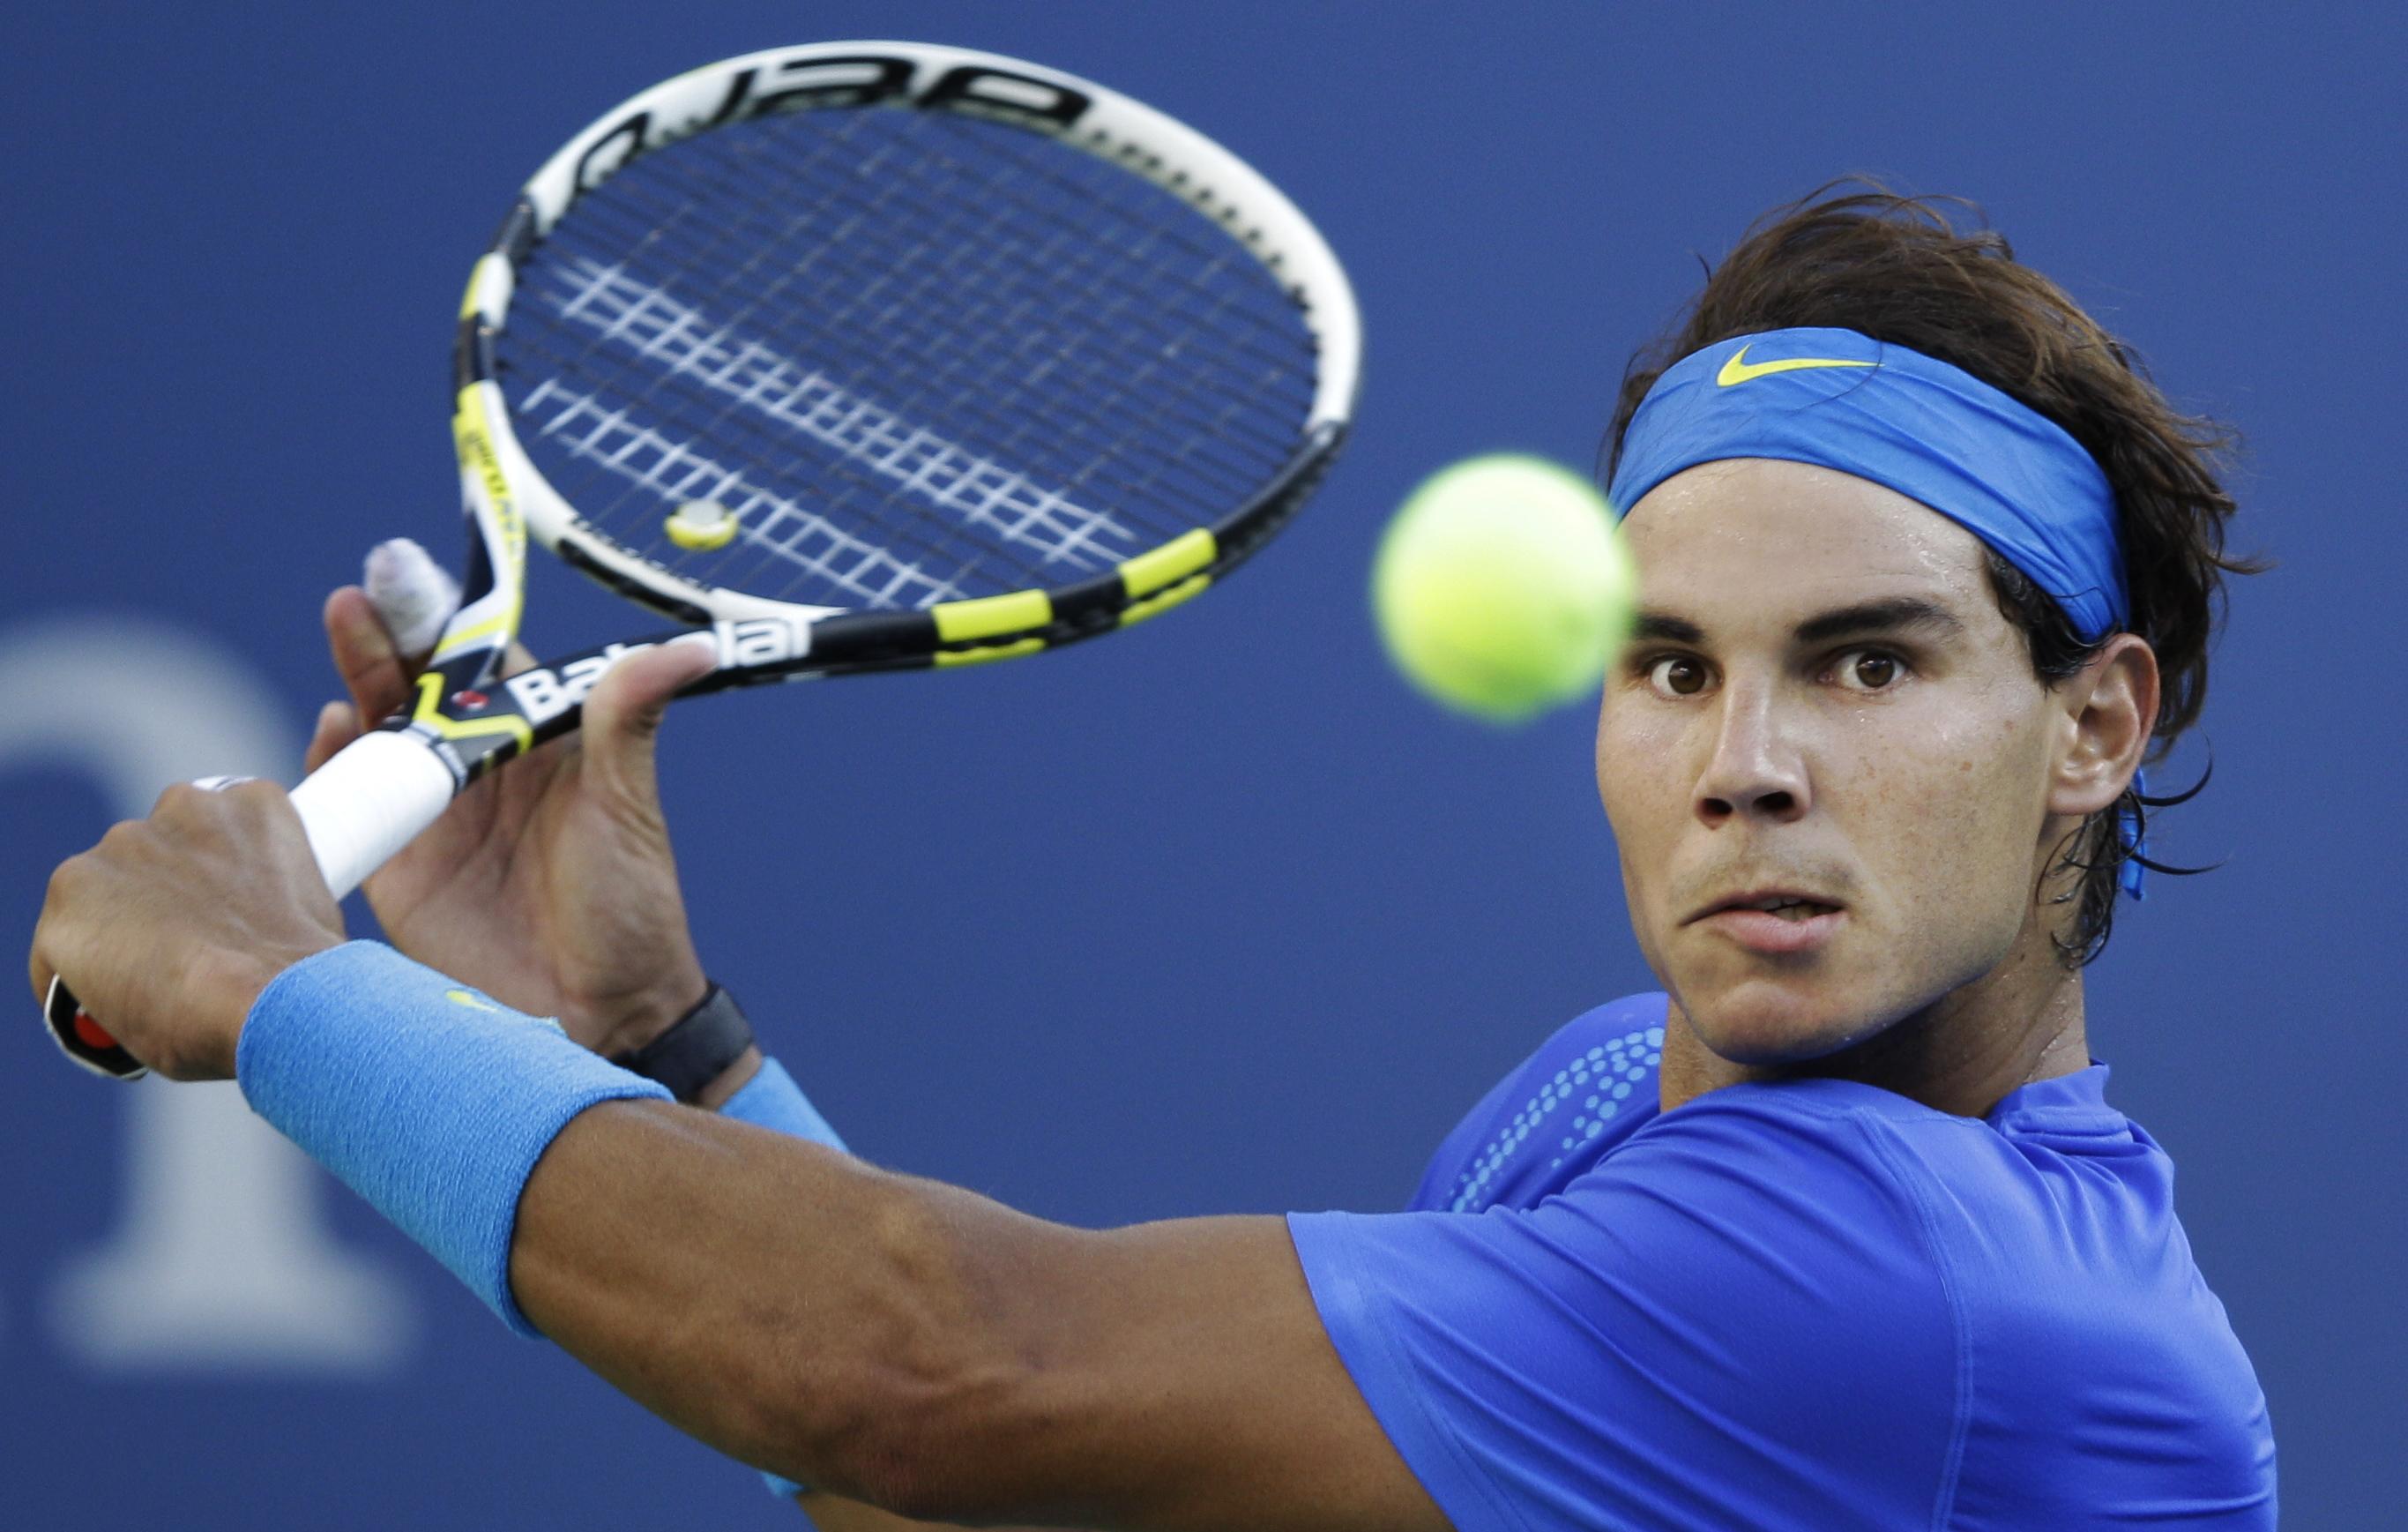 Rafael Nadal High Definition